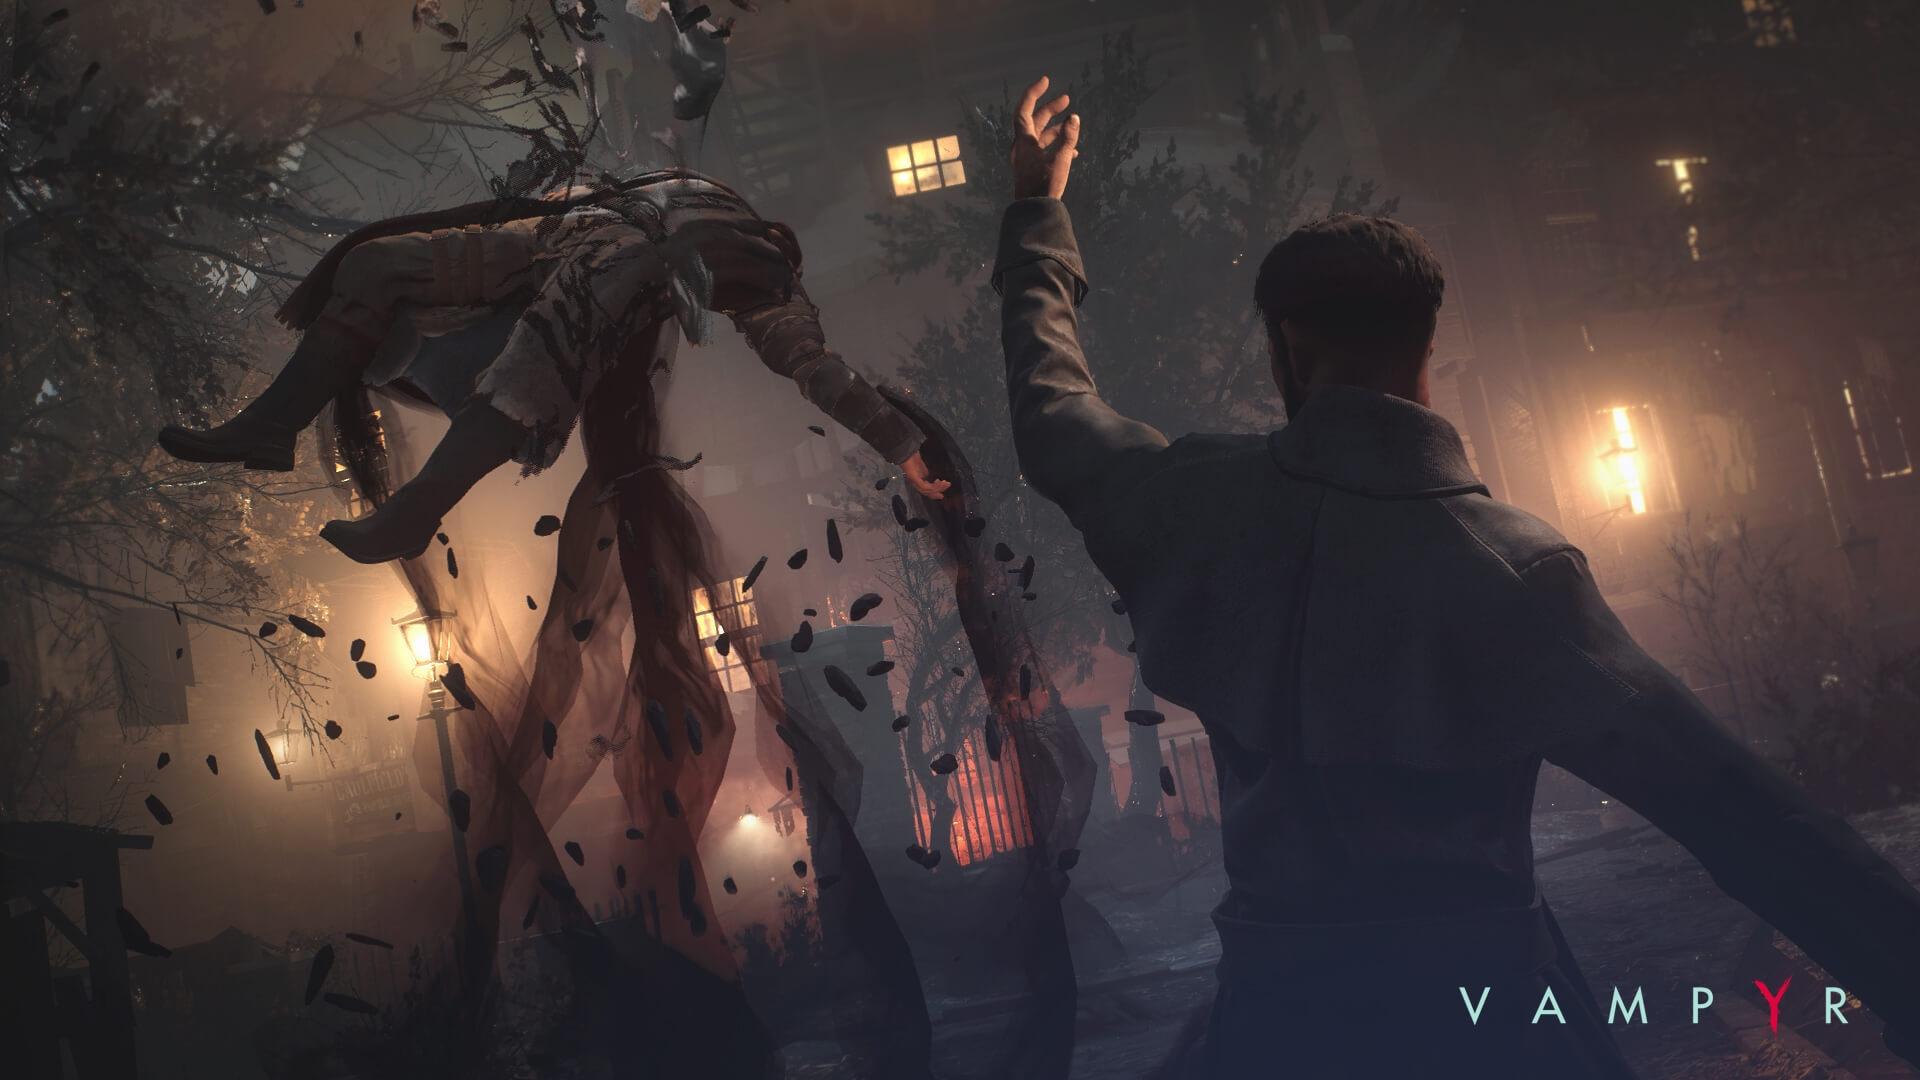 Свежий трейлер Vampyr напоминает оскором релизе игры